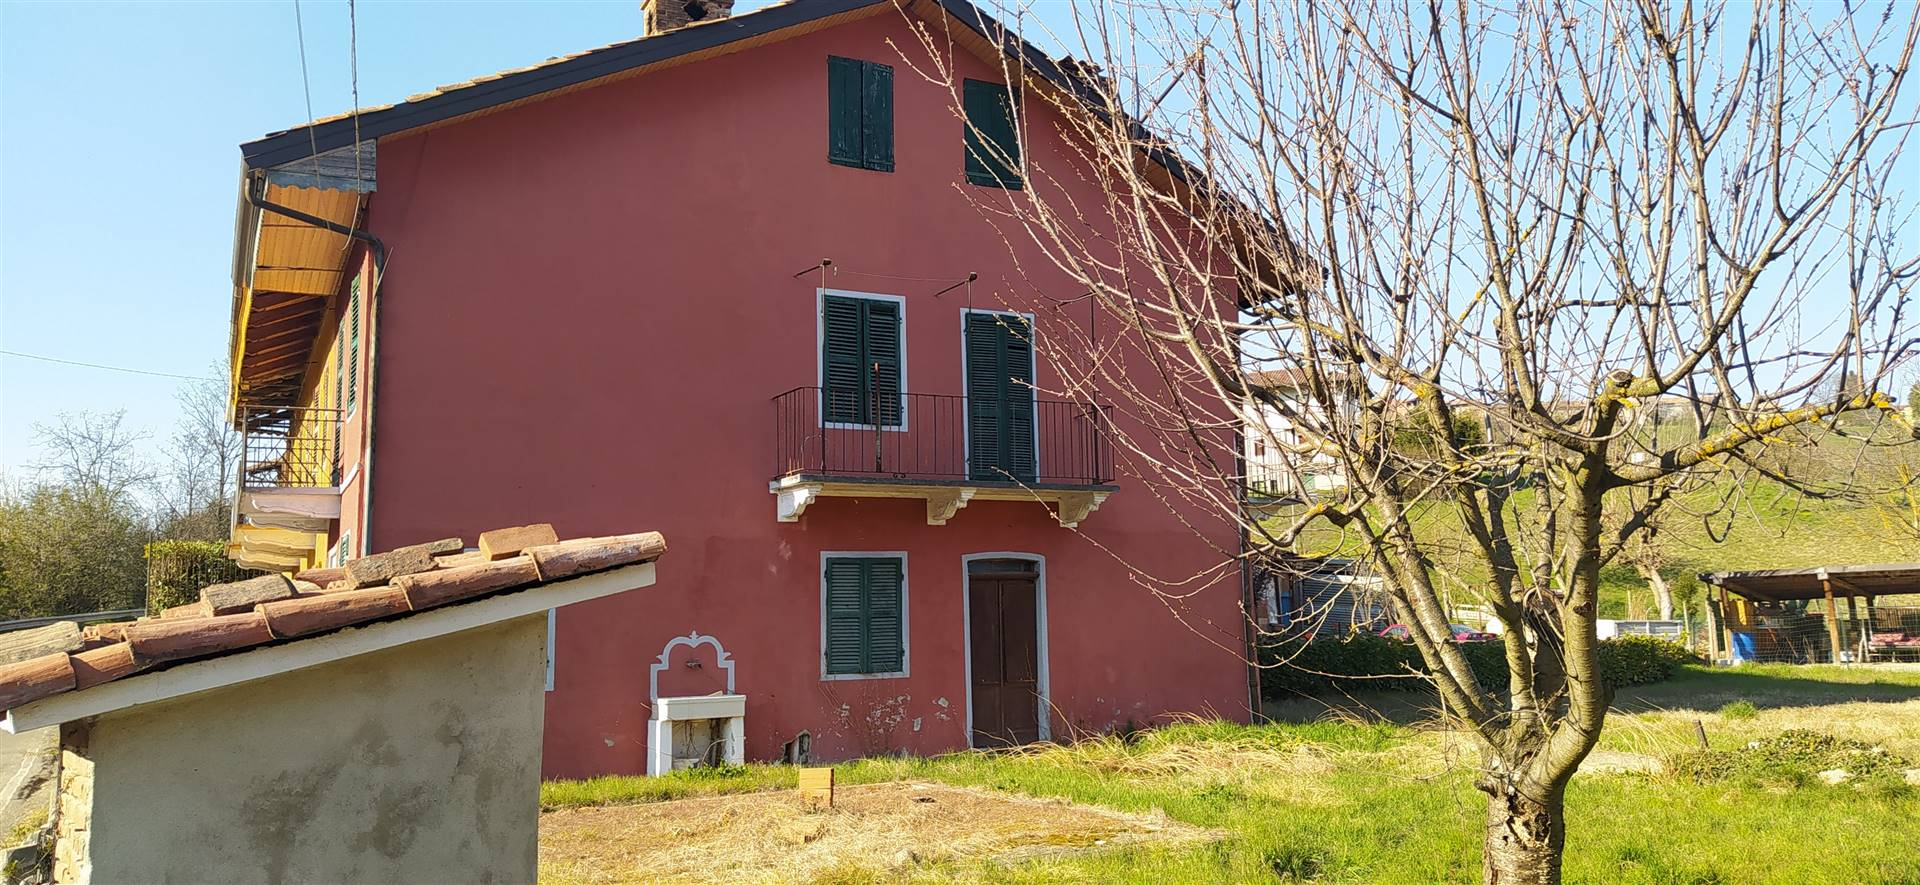 Soluzione Indipendente in vendita a Brozolo, 4 locali, prezzo € 69.000 | CambioCasa.it